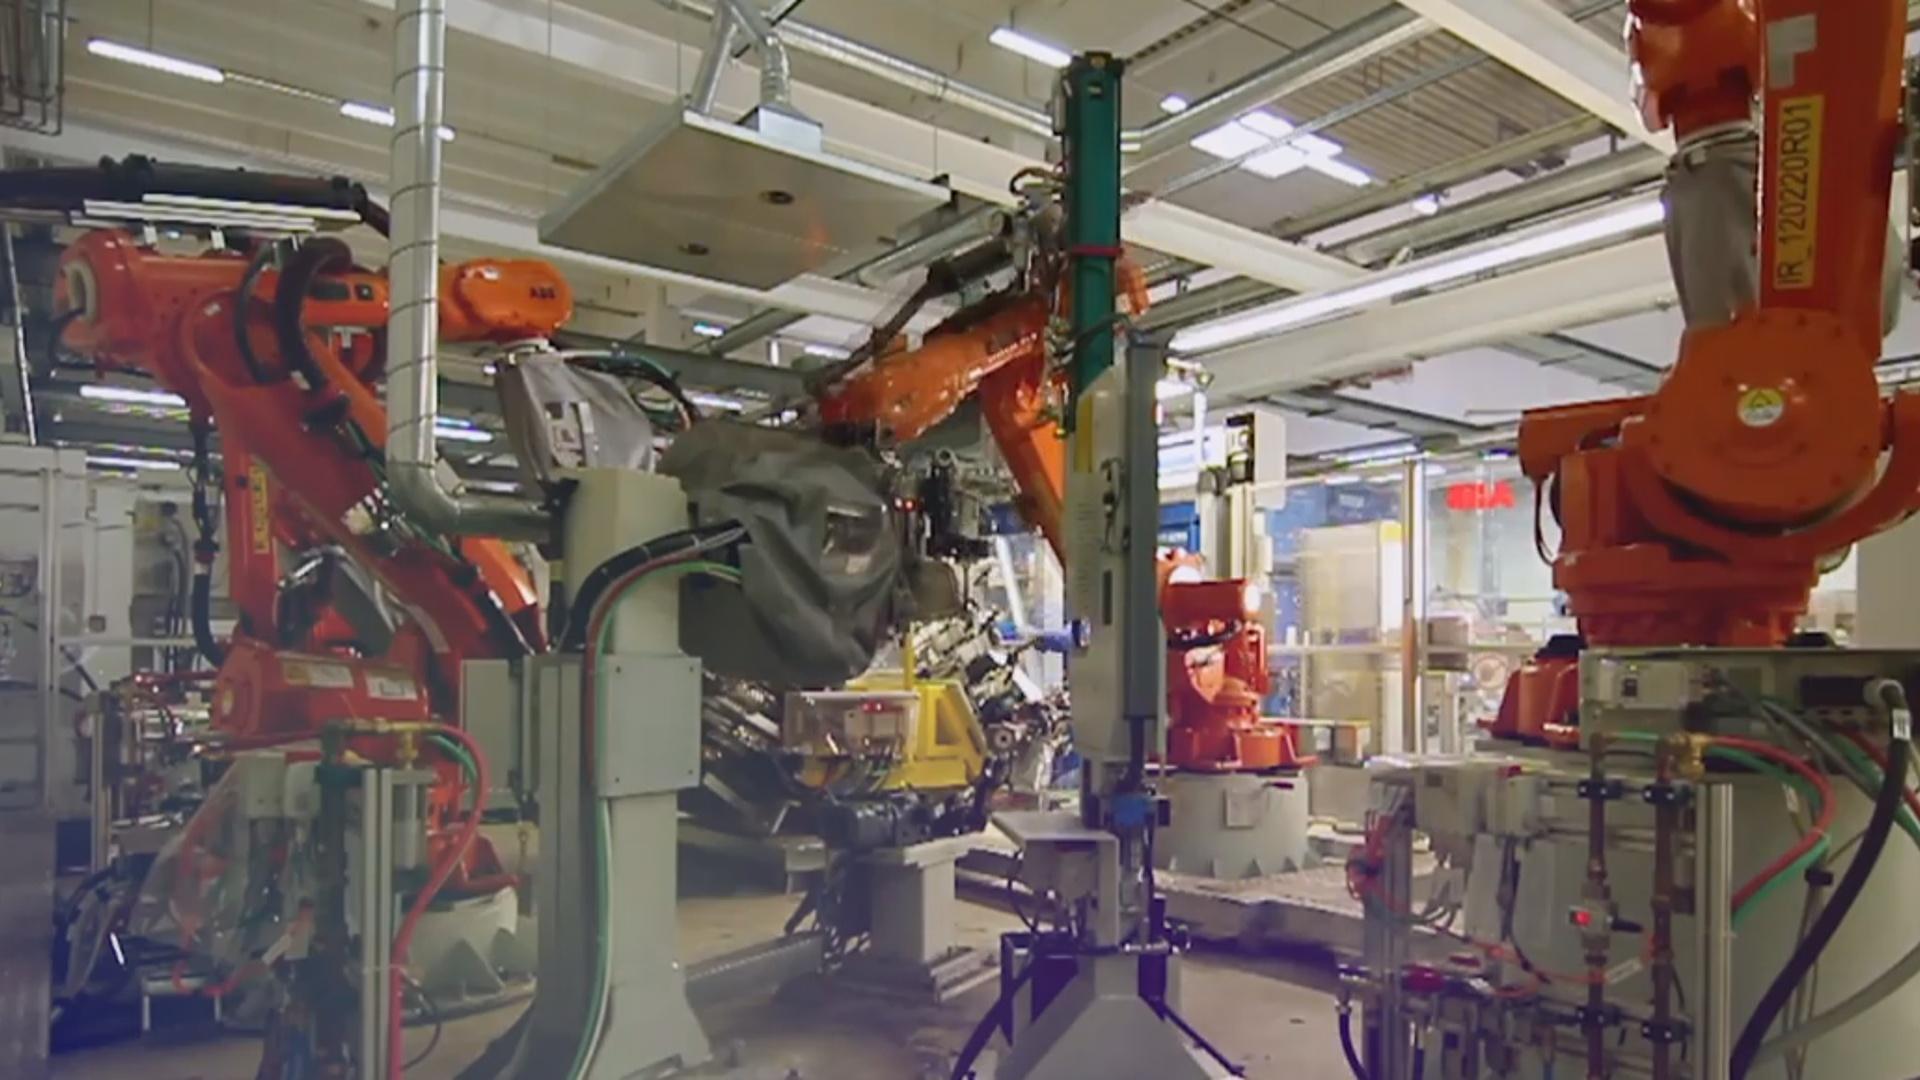 Yeni fabrikdə robotlar istehsal edən robotlar işləyəcək